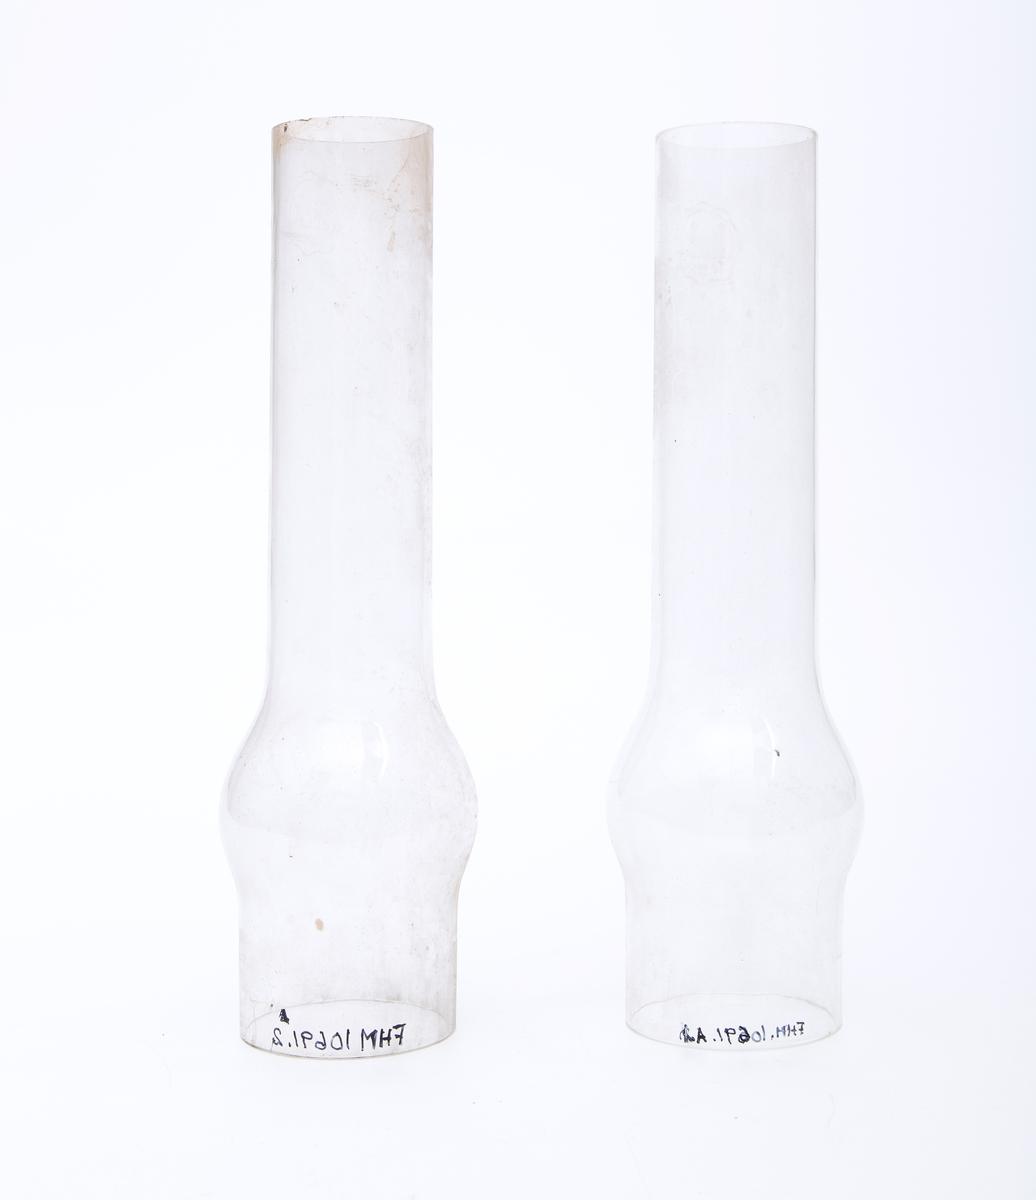 Lampeglass til prafinlampe i pappemballasje. Rest av prislapp som tolkes som Kr 25 og Kr 40 for to glass